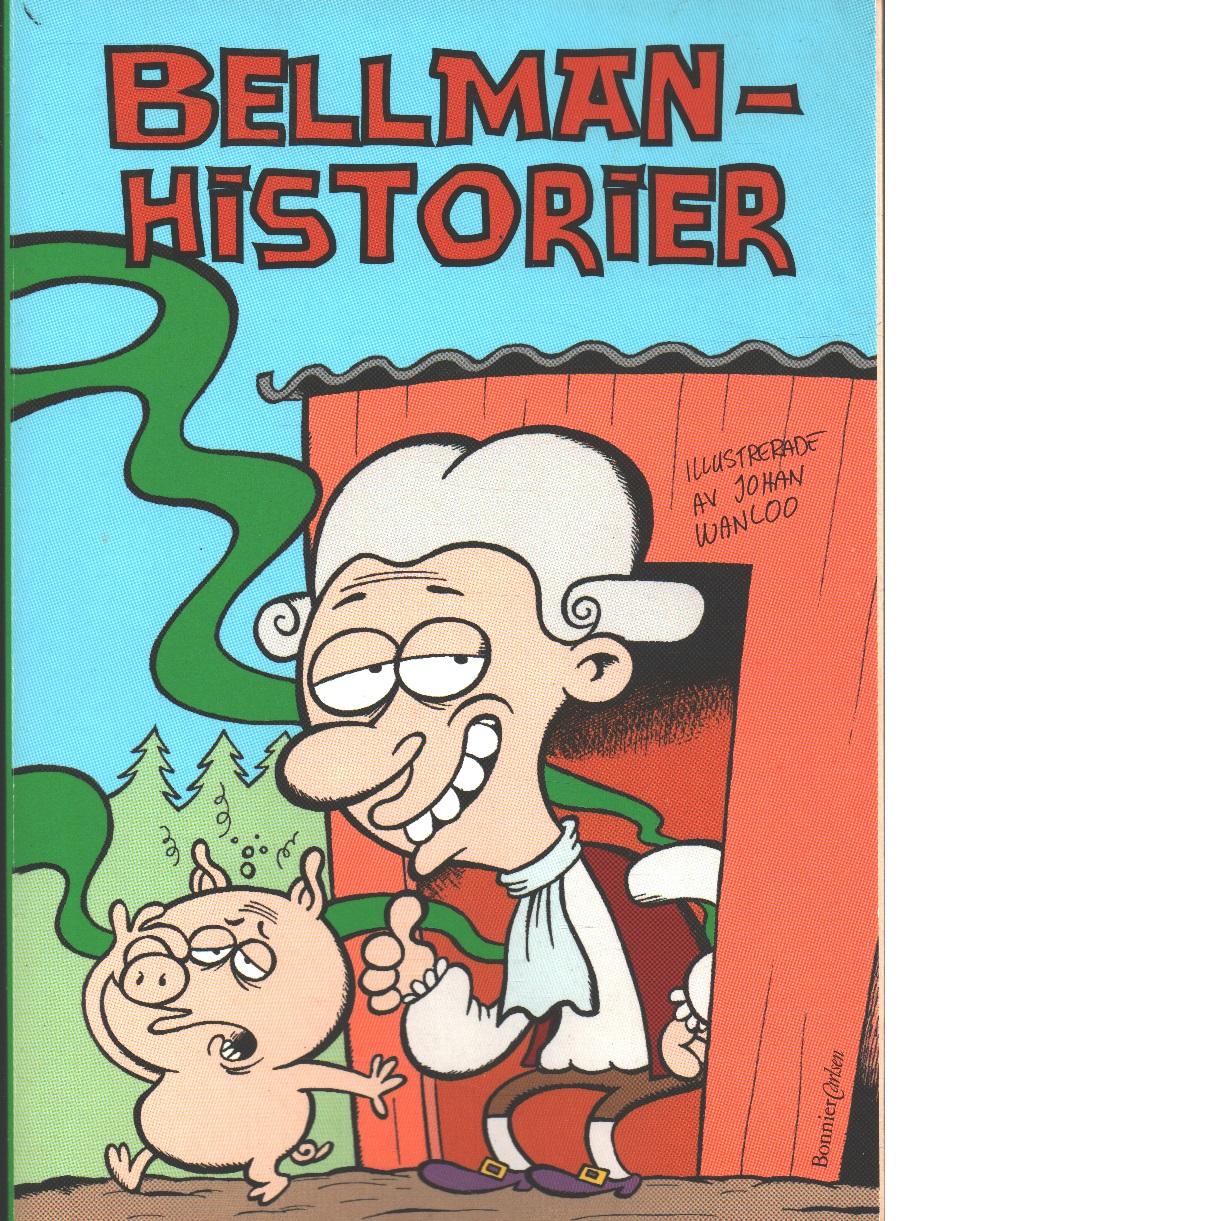 Bellmanhistorier - Wanlo0, Johan